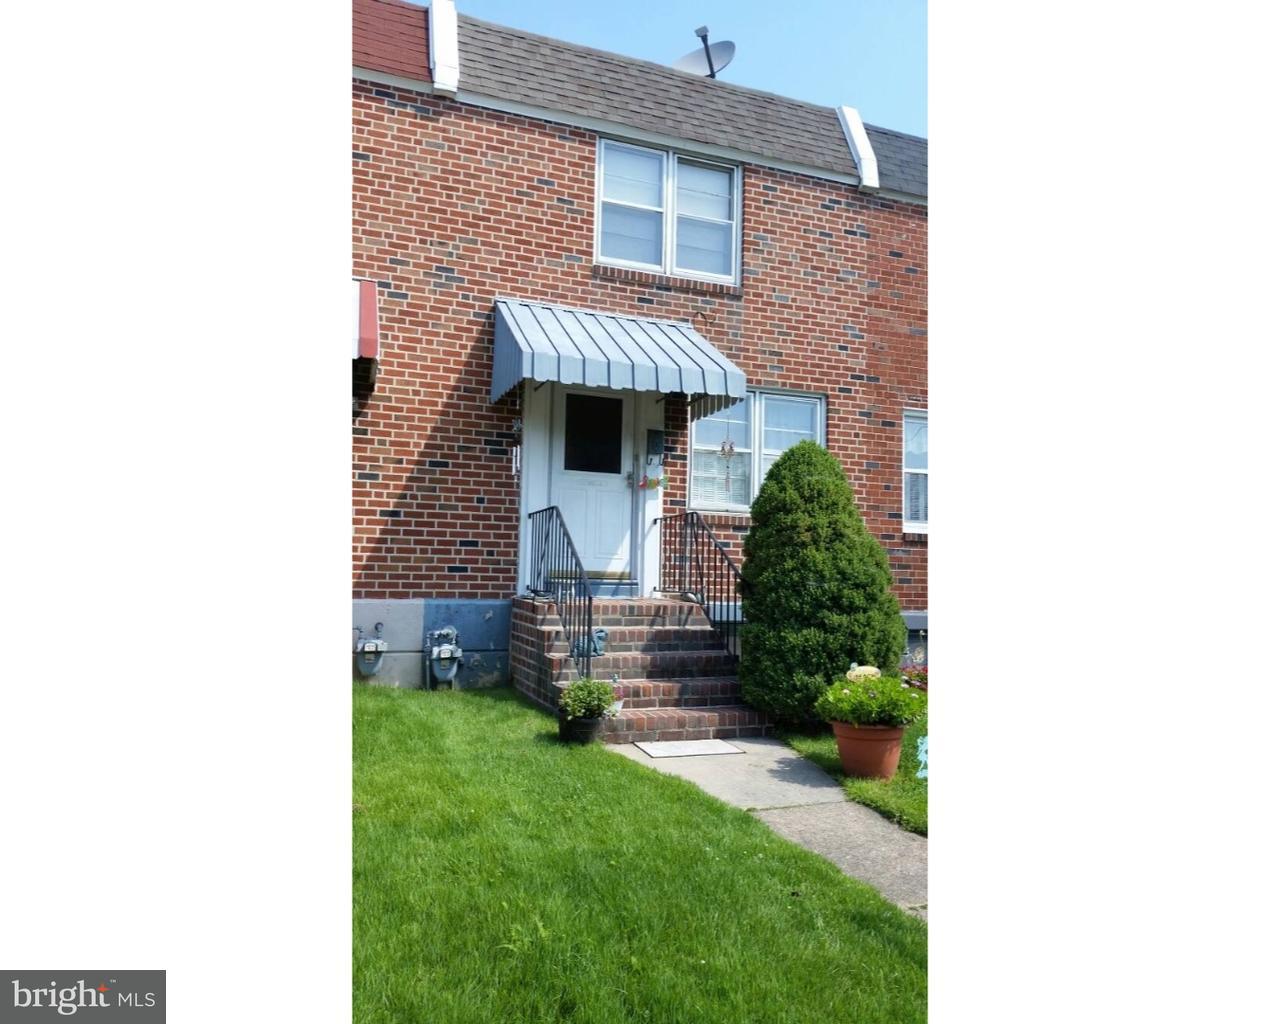 Tek Ailelik Ev için Satış at 1205 SYCAMORE Avenue Elsmere, Delaware 19805 Amerika Birleşik Devletleri